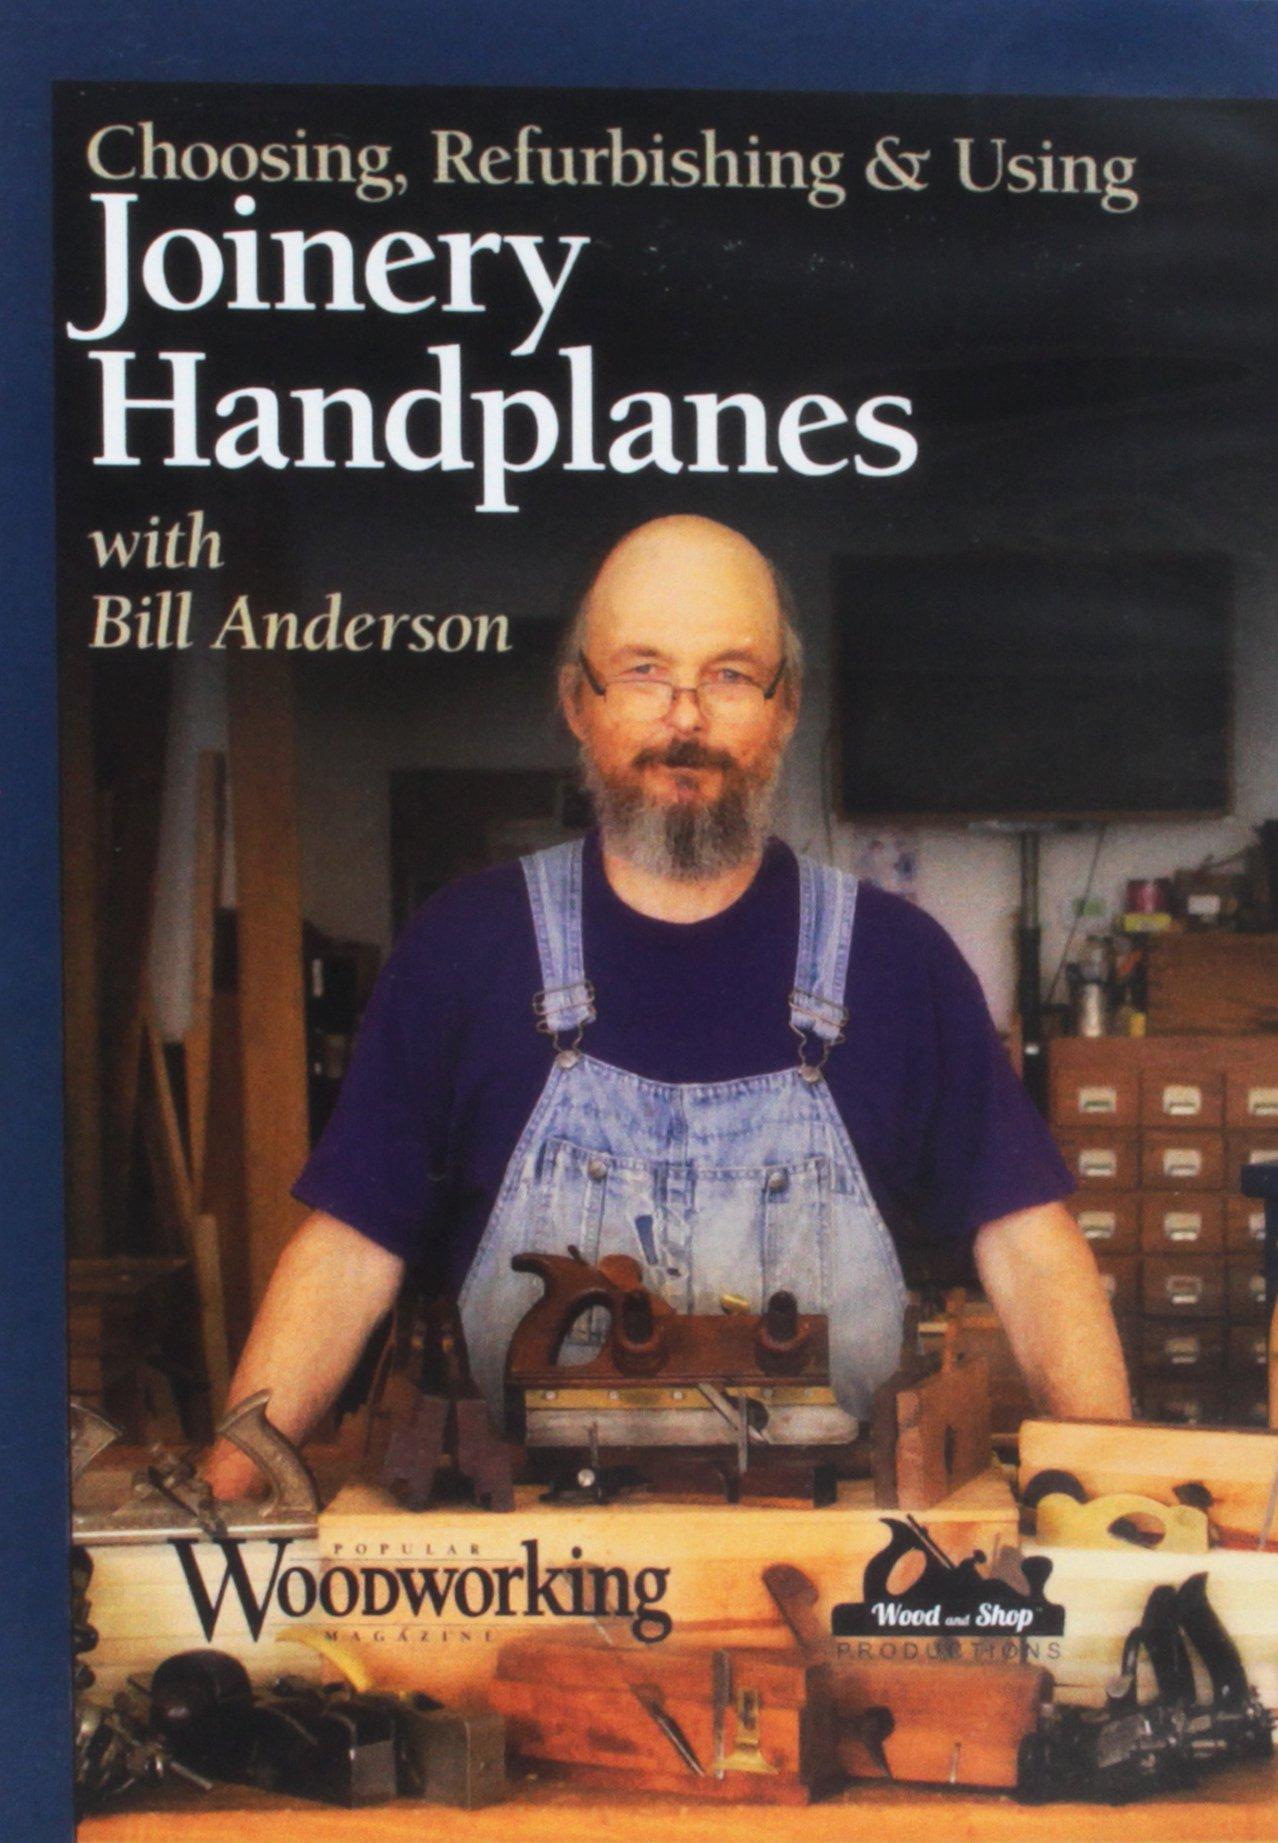 All About Joinery Planes with Bill Anderson [Edizione: Regno Unito]